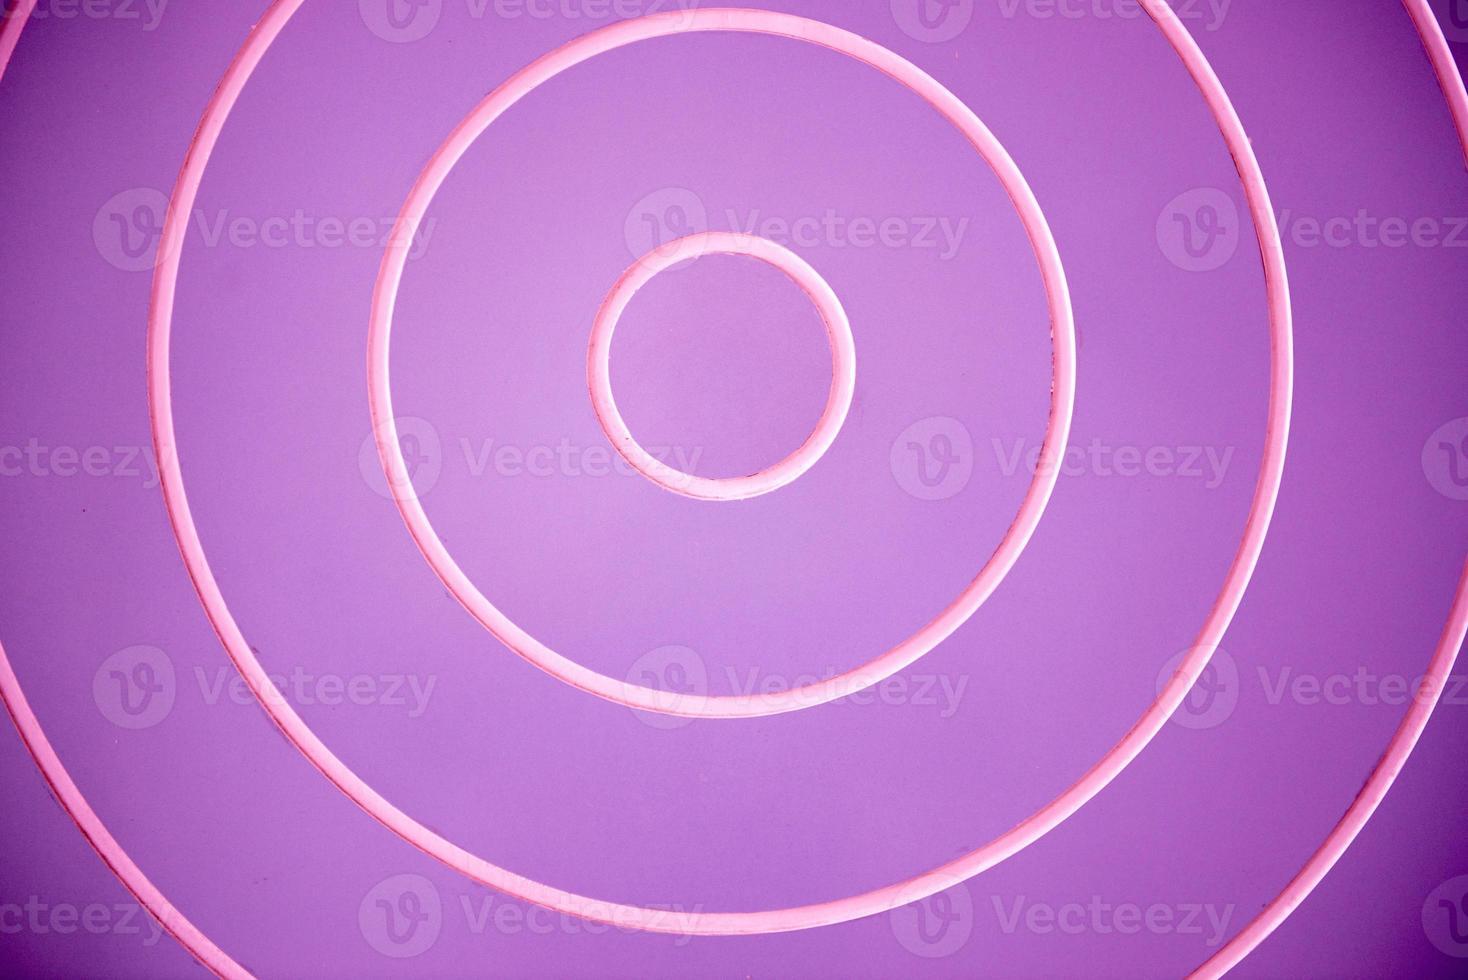 bakgrund med cirklar som påminner foto